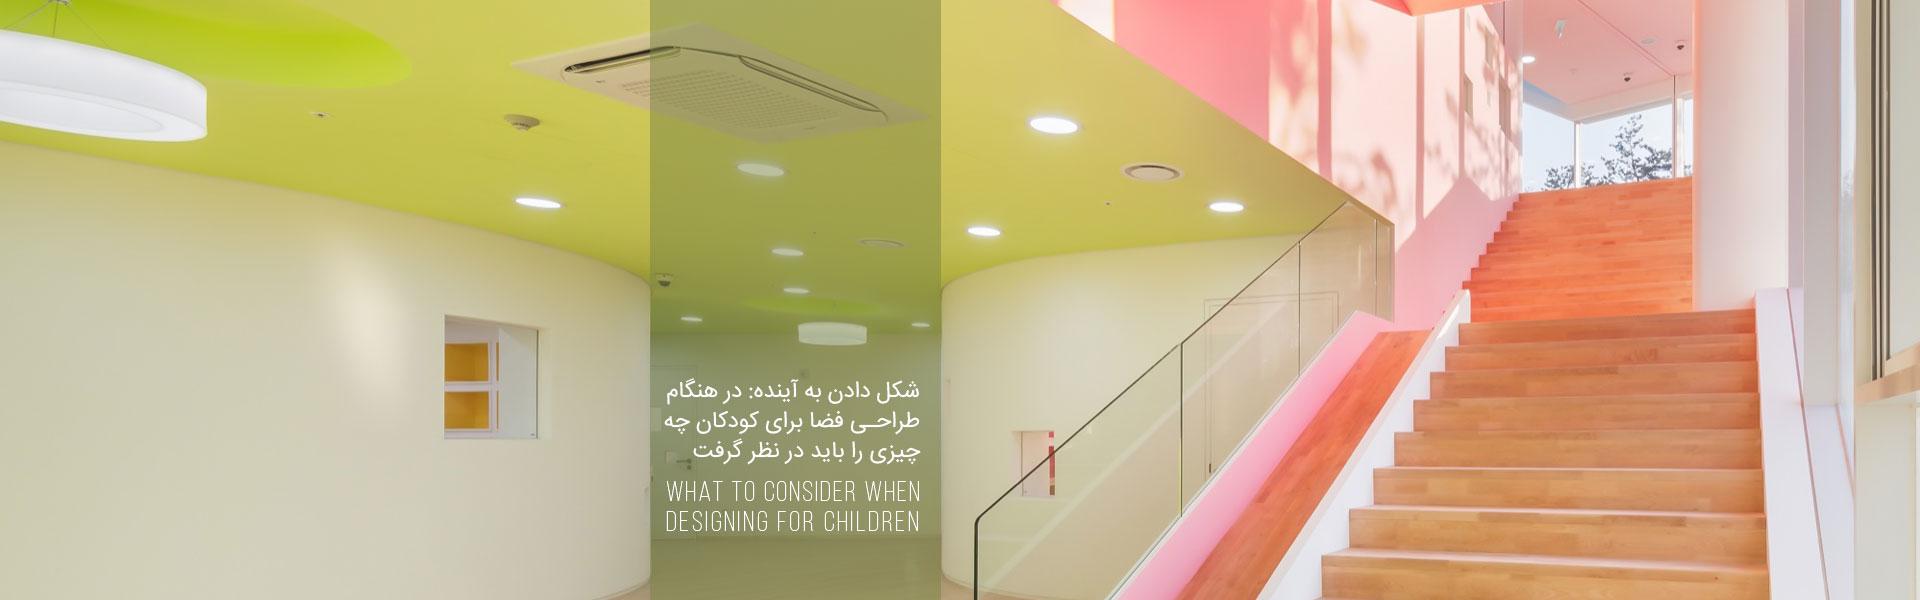 طراحی فضا برای کودکان و جذابیت های شهری